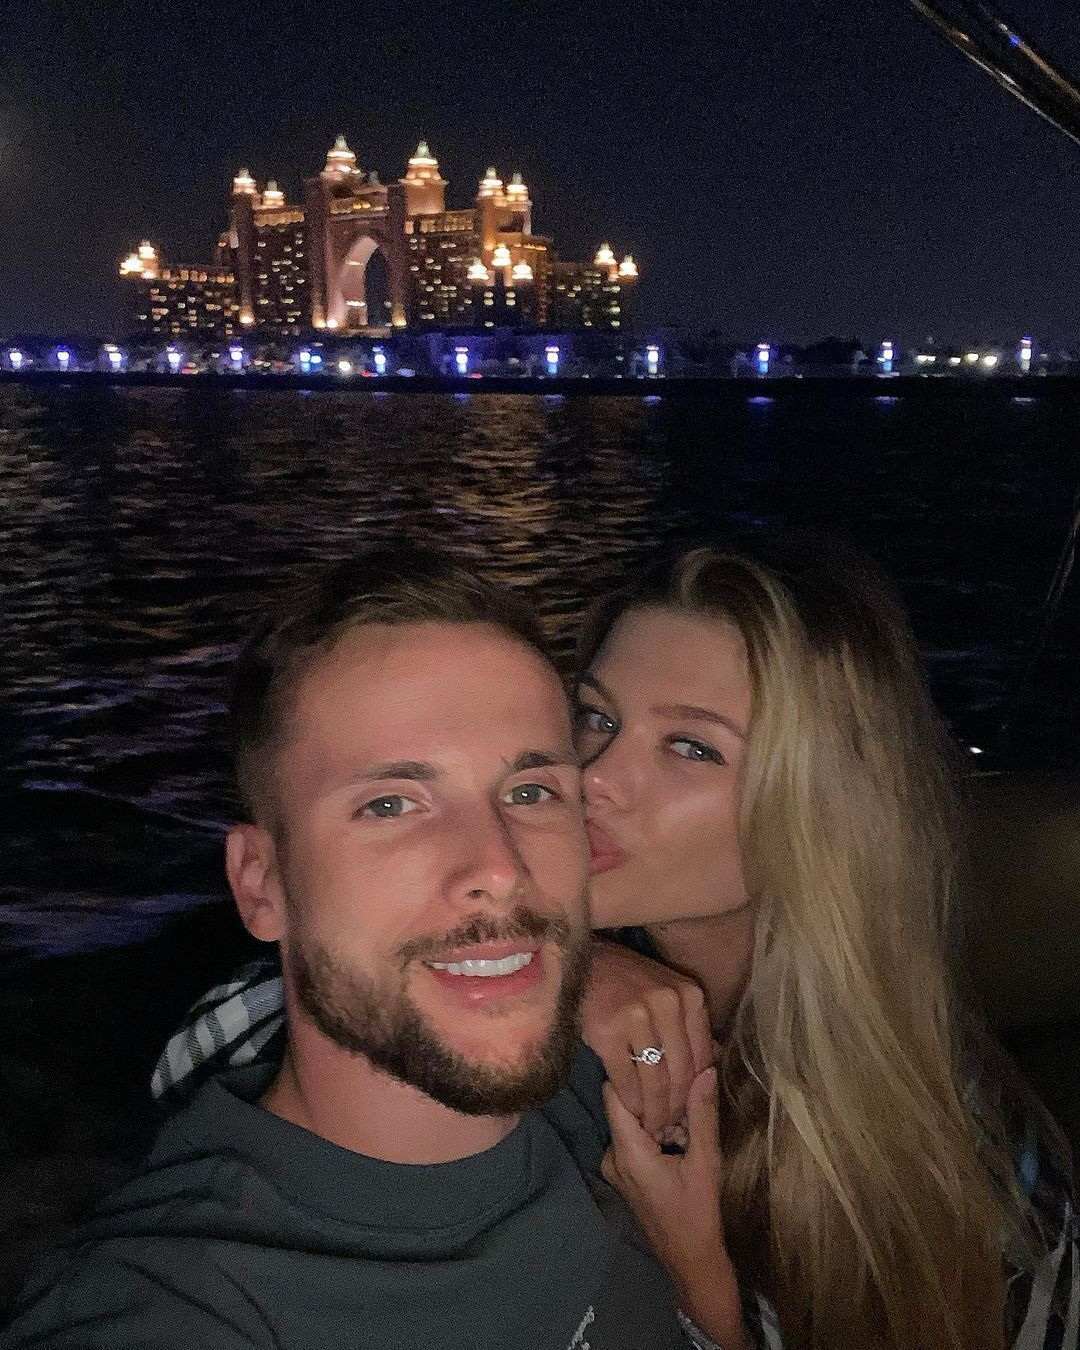 Вікторія Стецик поцілувала Томаша Кендзьору в щічку